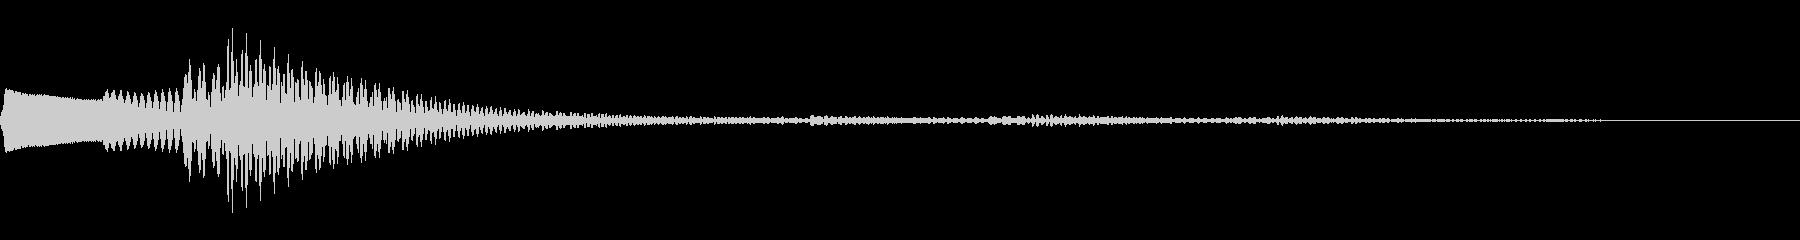 ピロロロン♪(決定系ボタン)の未再生の波形